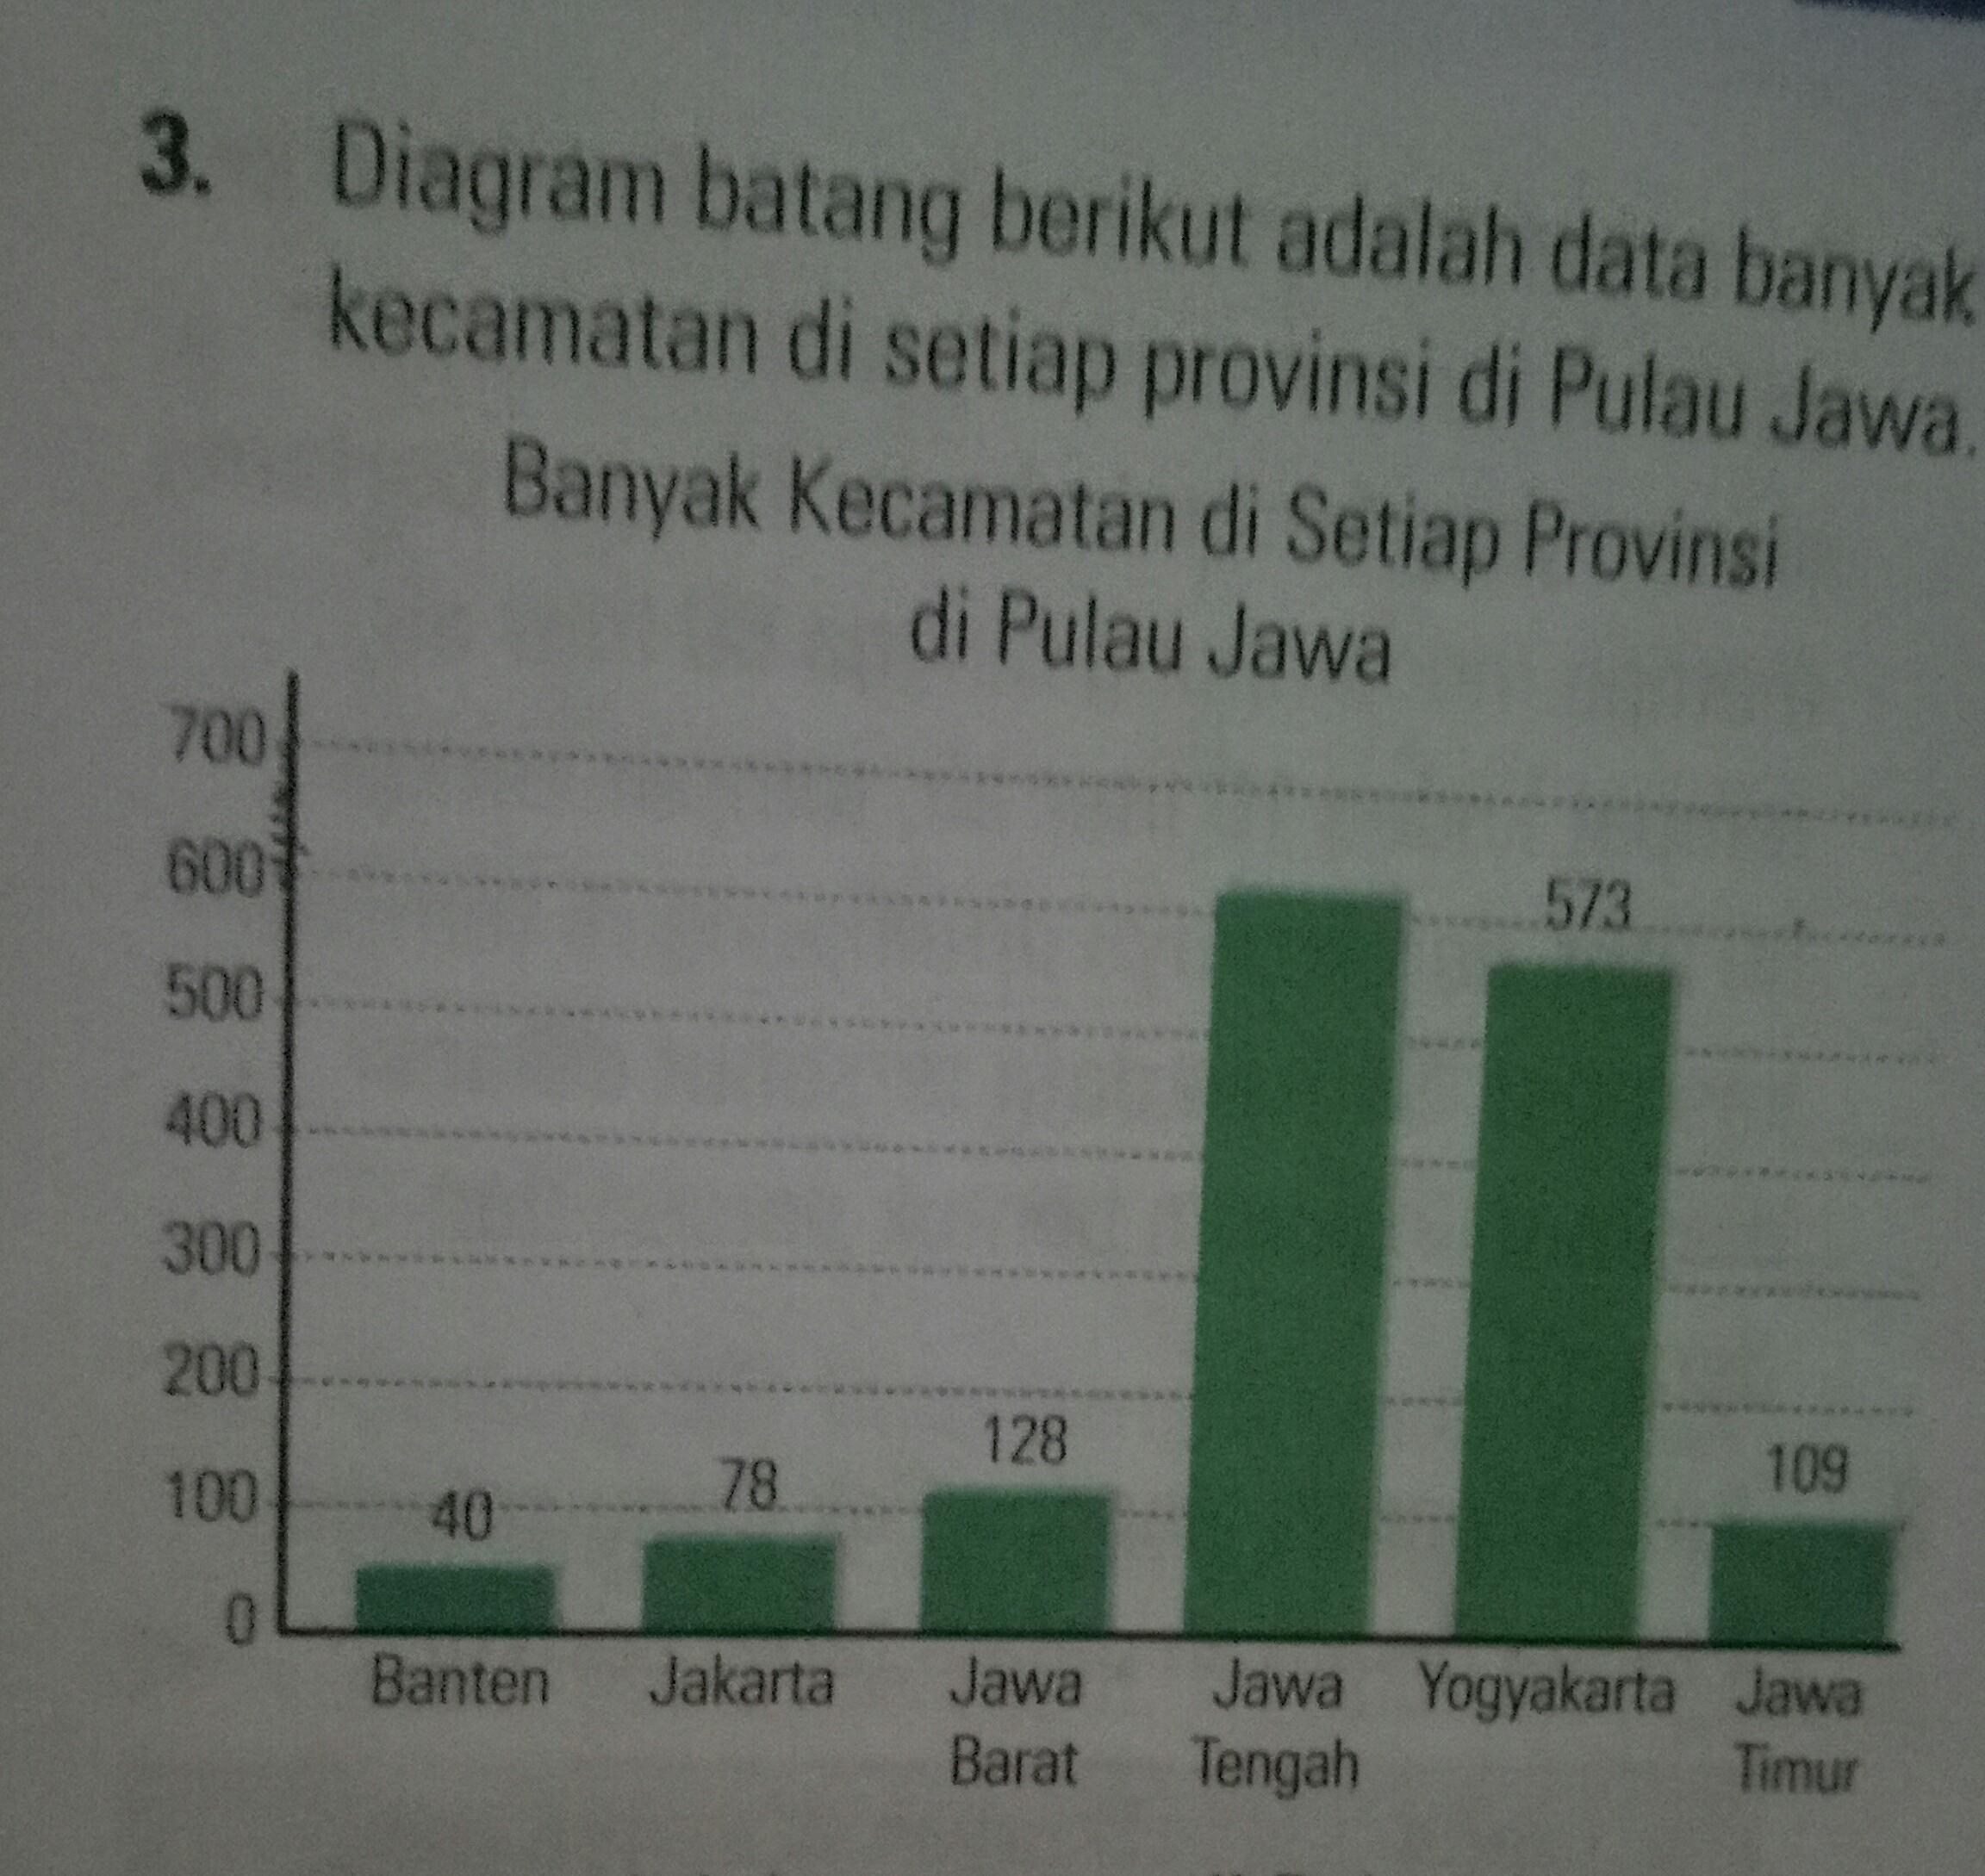 Rata2 Banyak Kecamatan Di Setiap Provinsi Berdasarkan Diagram Batang